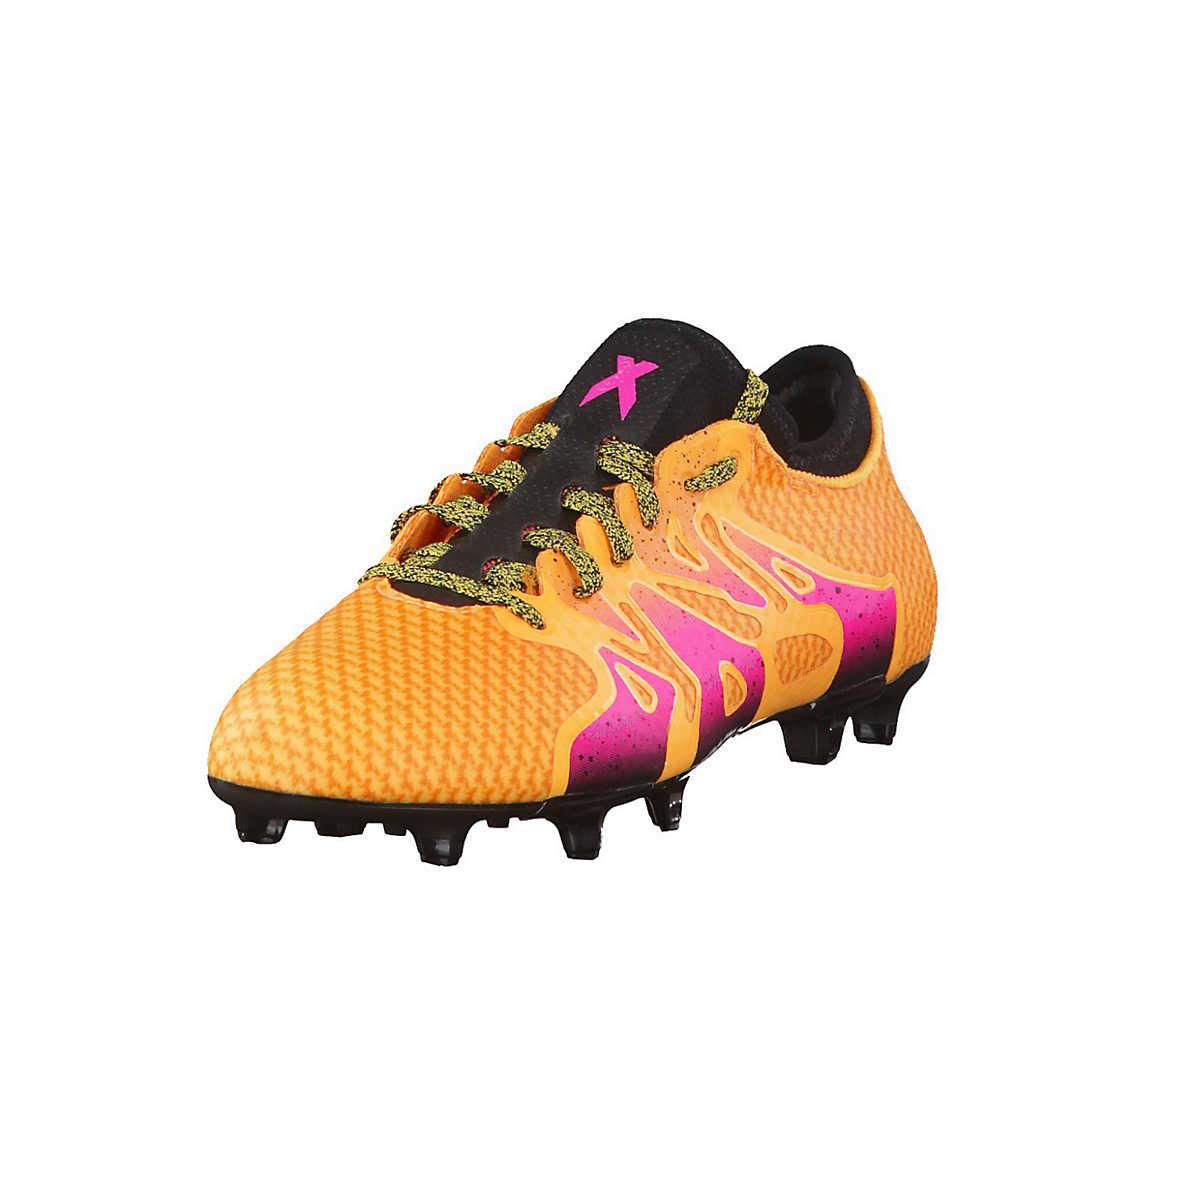 adidas Sportschuhe orange - adidas - Sportschuhe - Schuhe - mirapodo.de